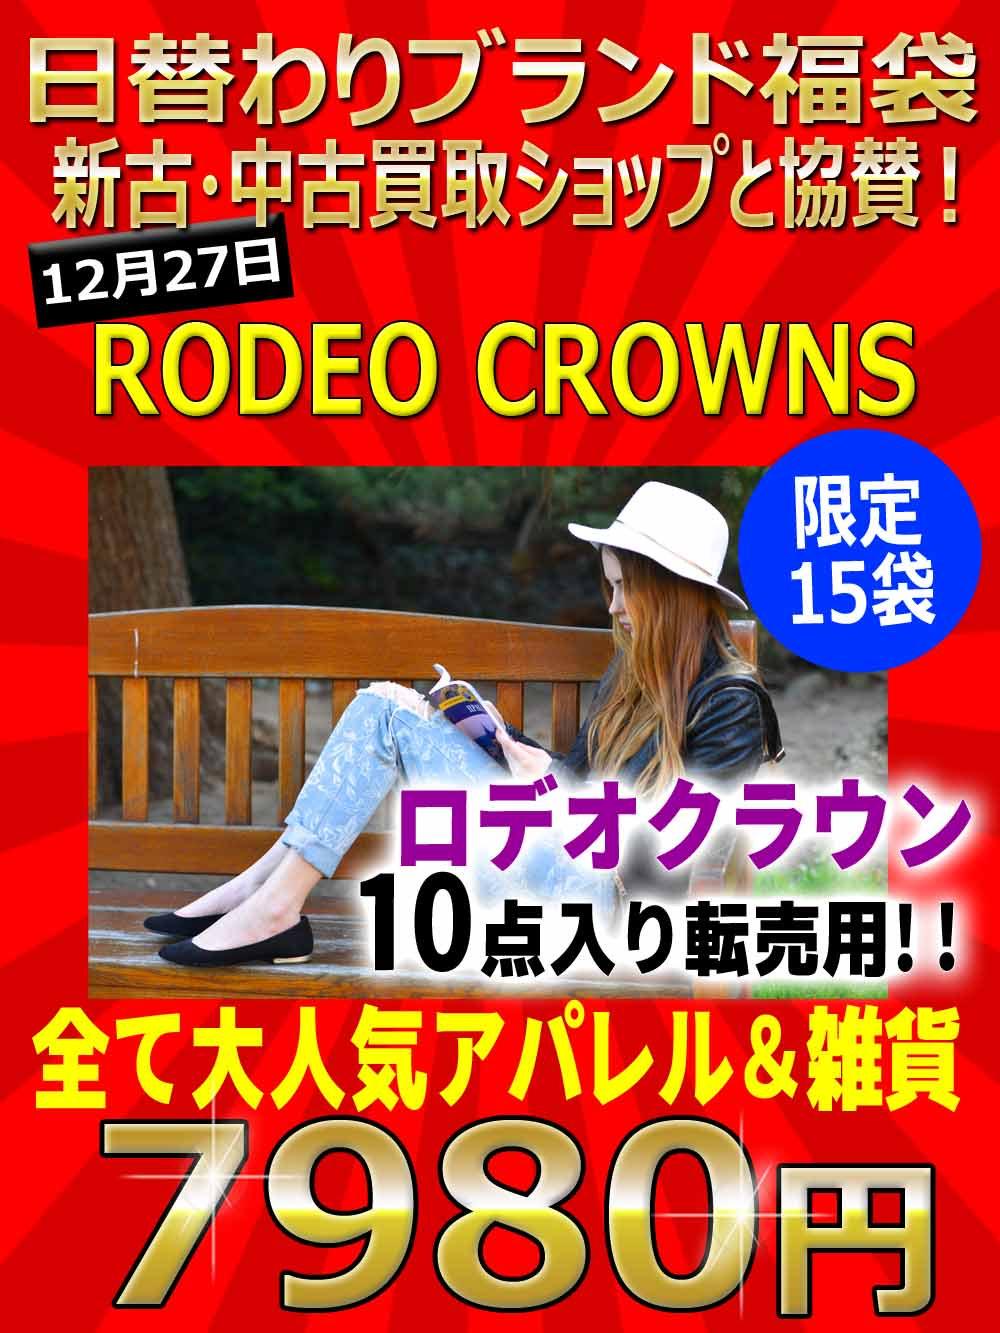 """限定20袋!日替わりブランド福袋!新古中古ショップ協賛 """"Rodeo Crowns""""【10点】 5980円"""